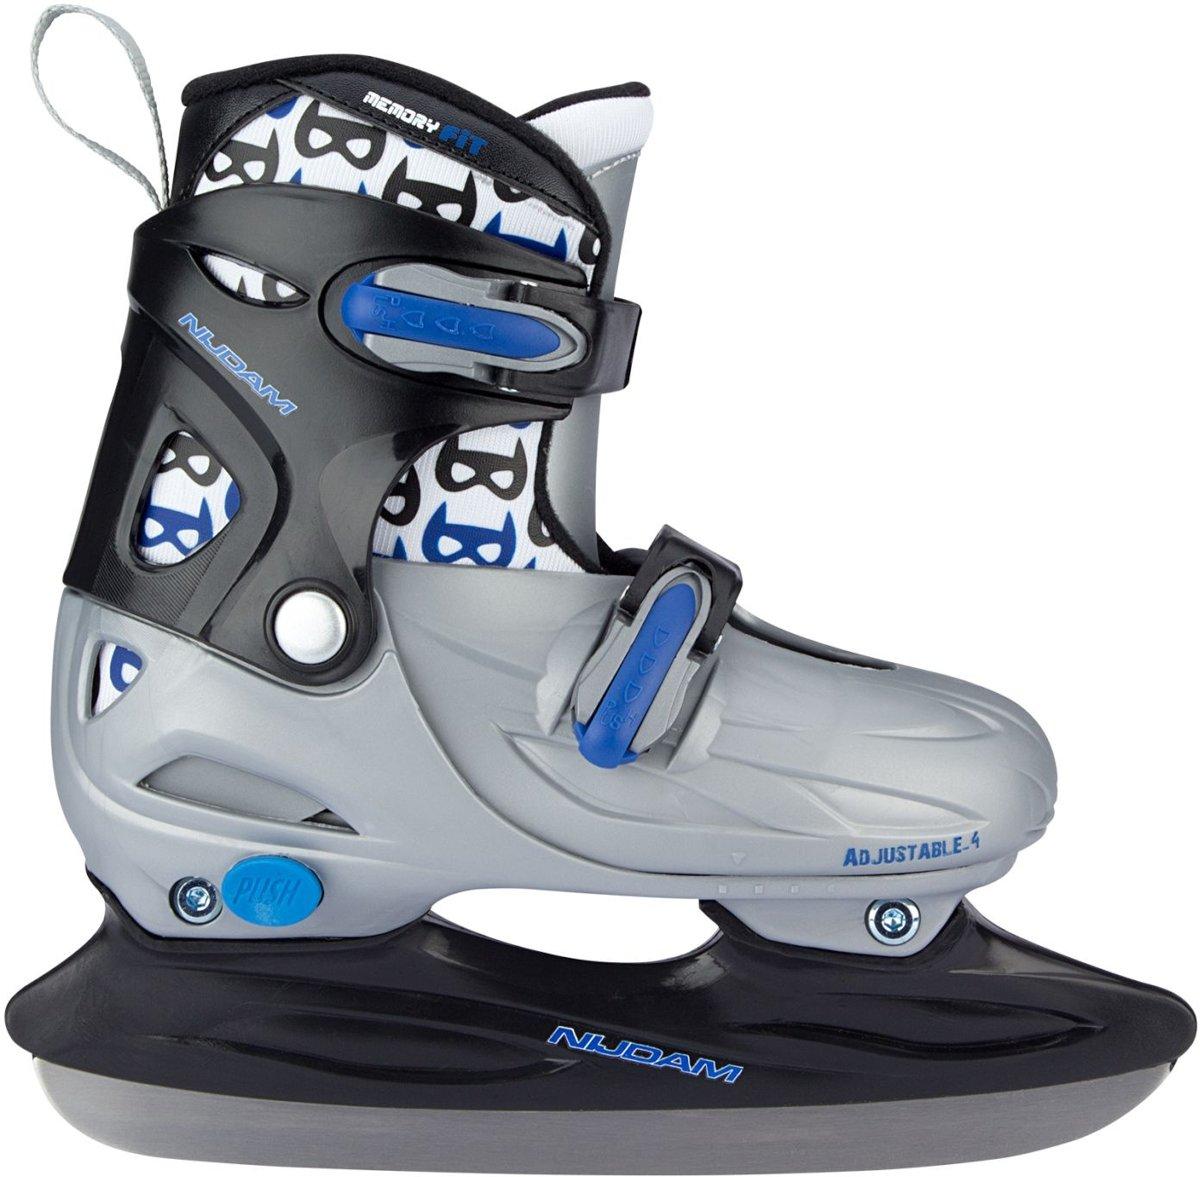 Nijdam Junior IJshockeyschaats Junior Verstelbaar - Hardboot - Zwart/Blauw - 30-33